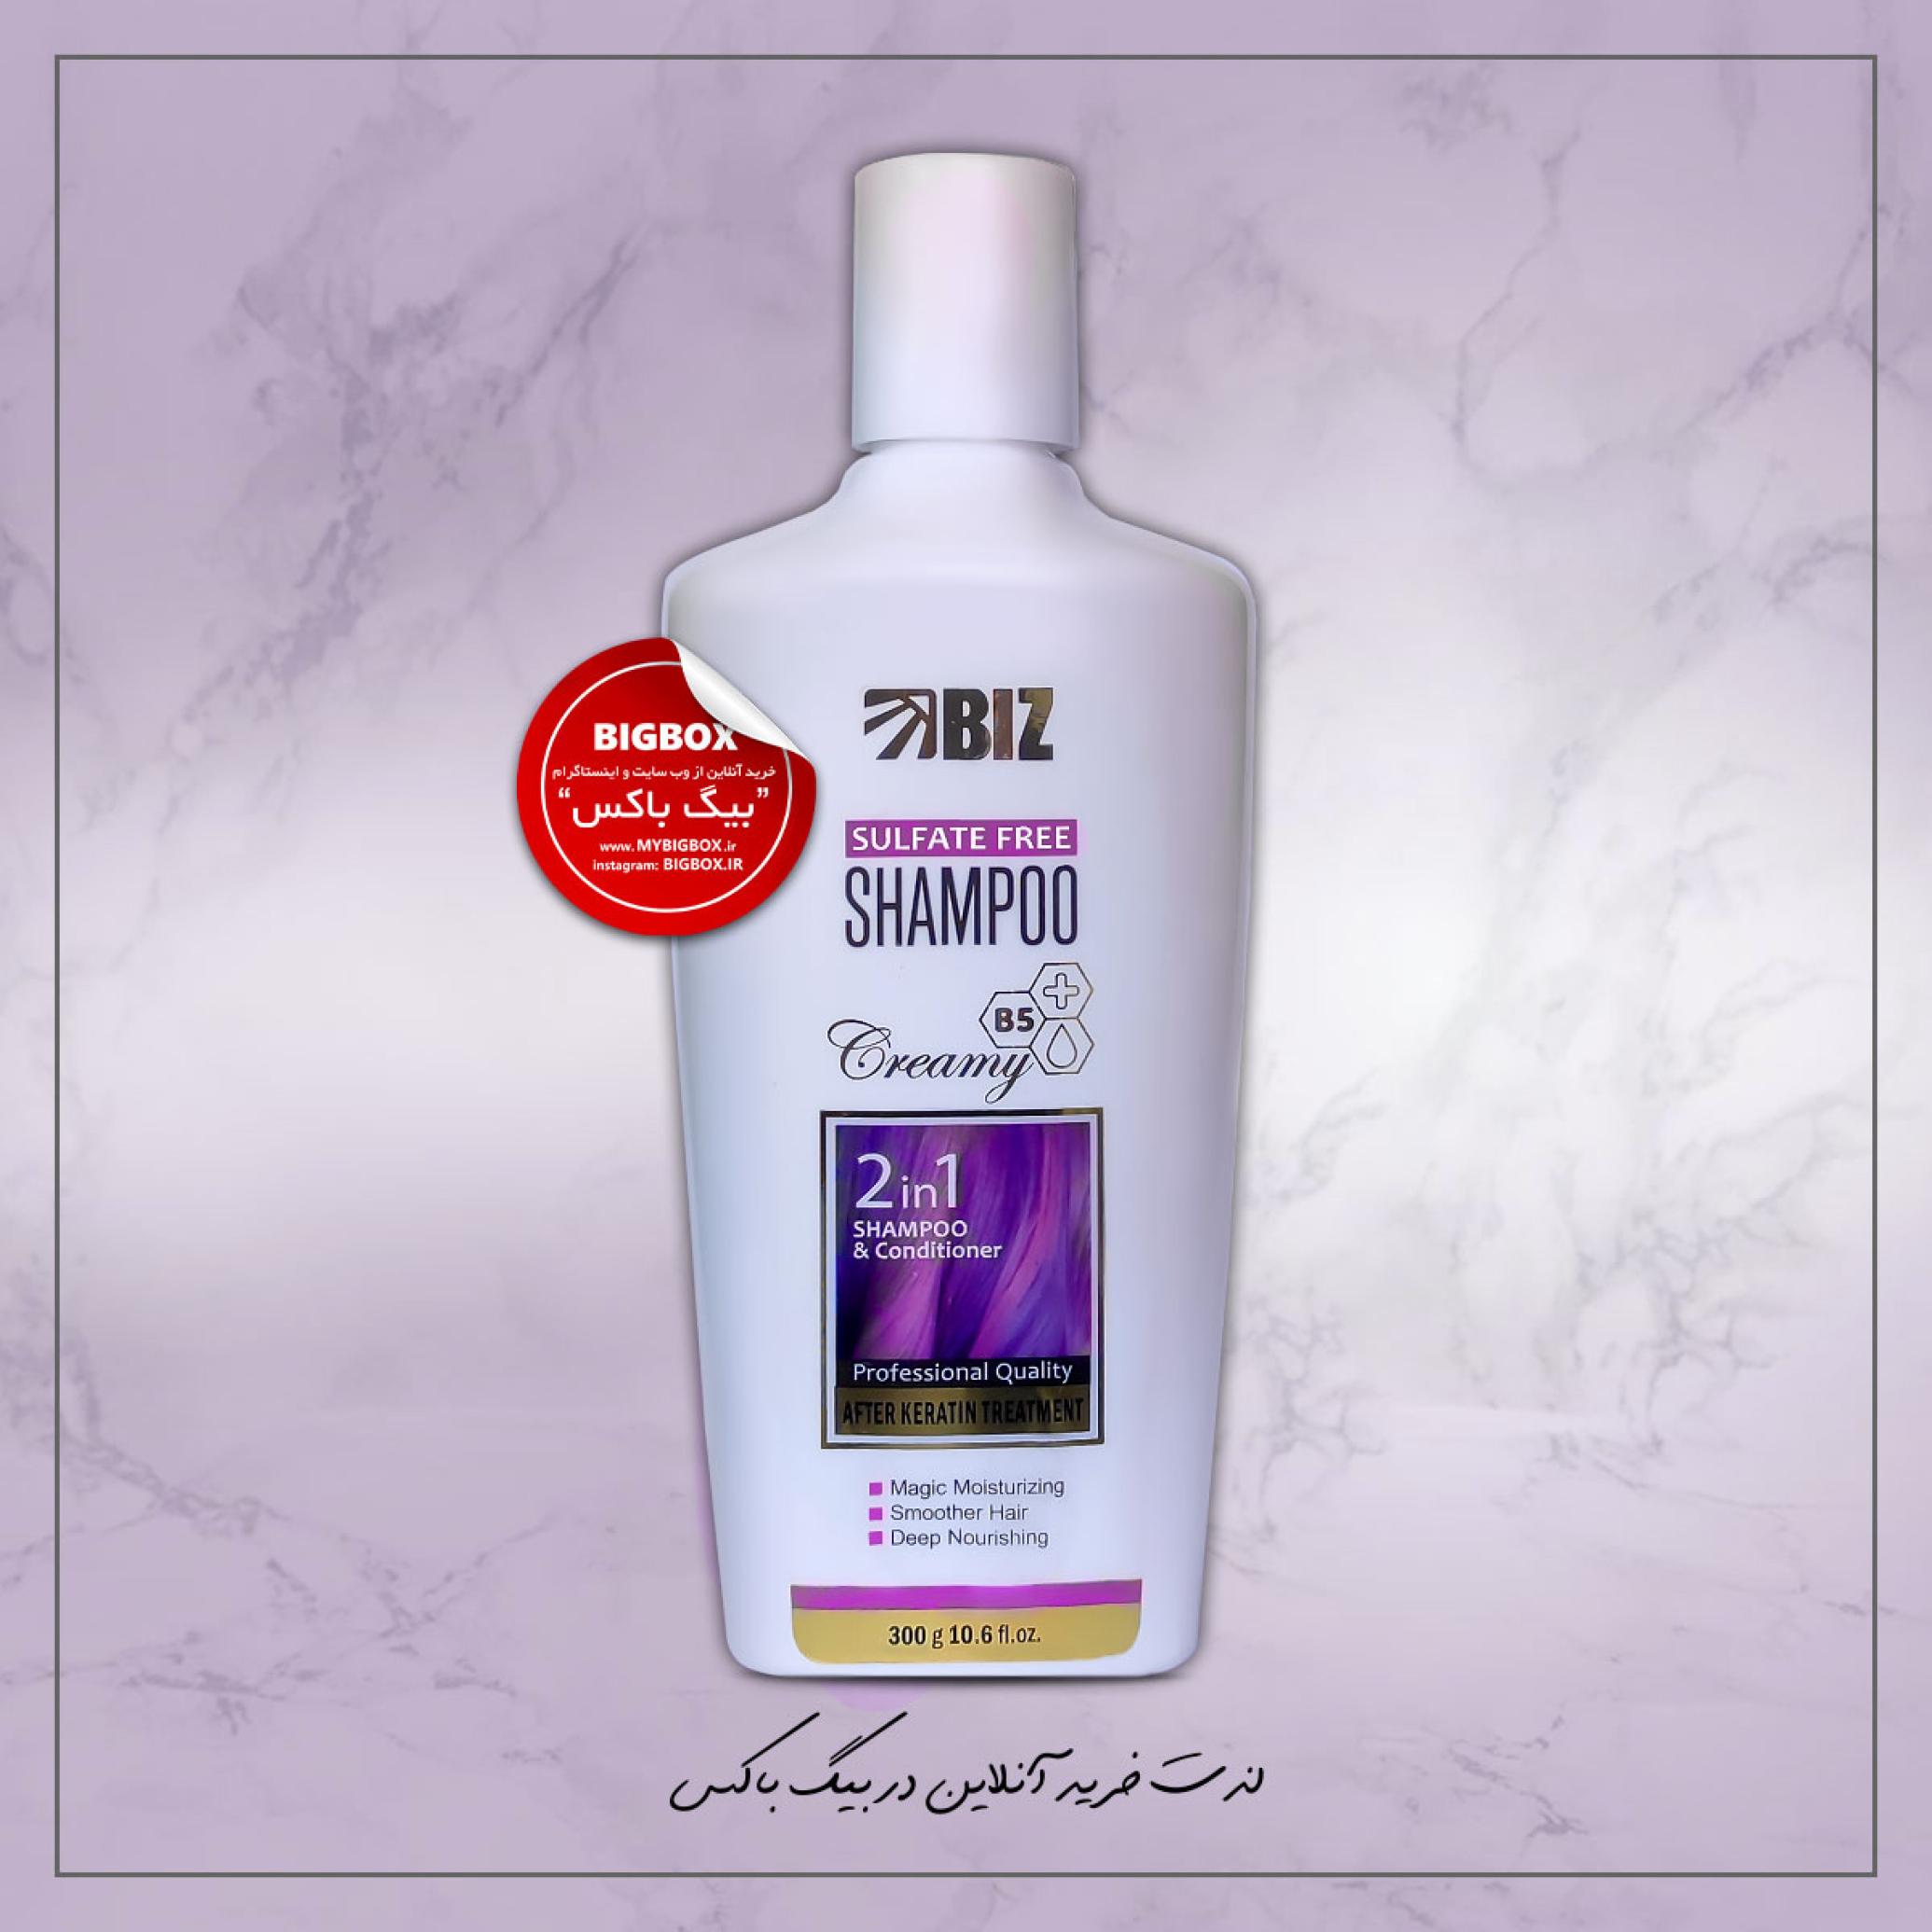 شامپو کرمی ملایم بیز بدون سولفات مخصوص موهای کراتینه Sulfate Free